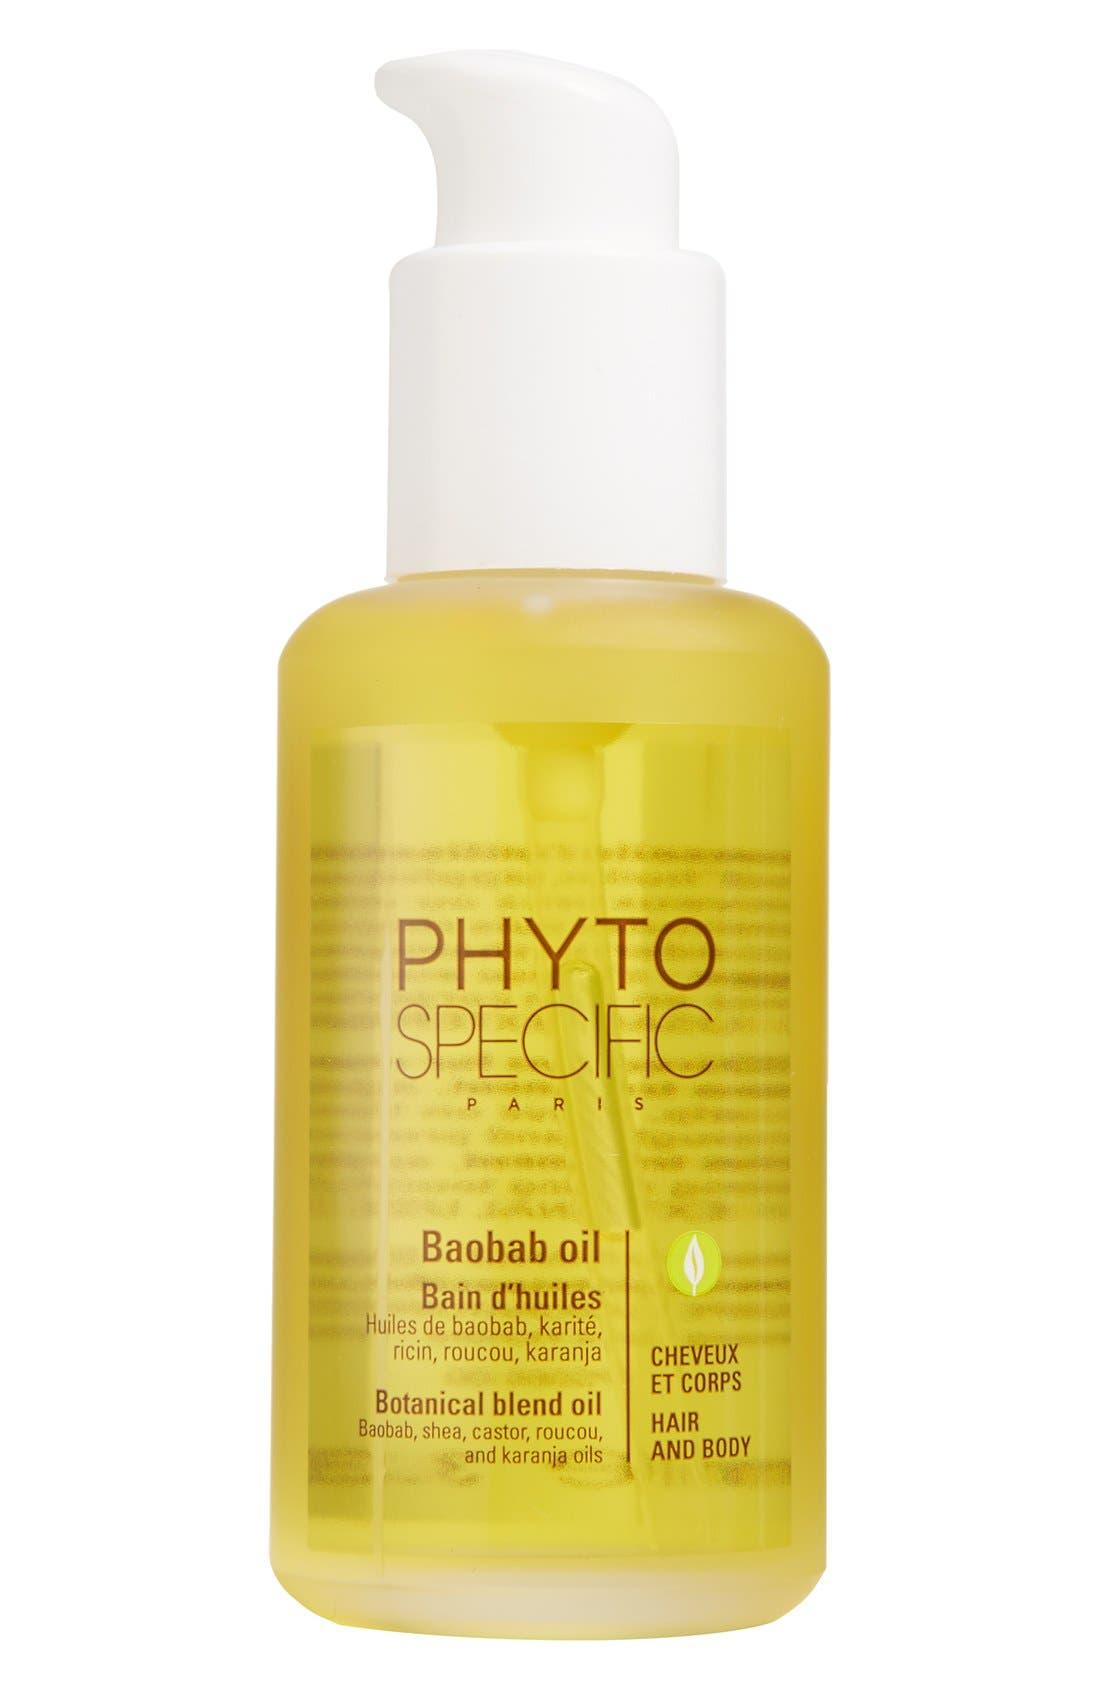 PHYTO PhytoSpecific Baobab Oil